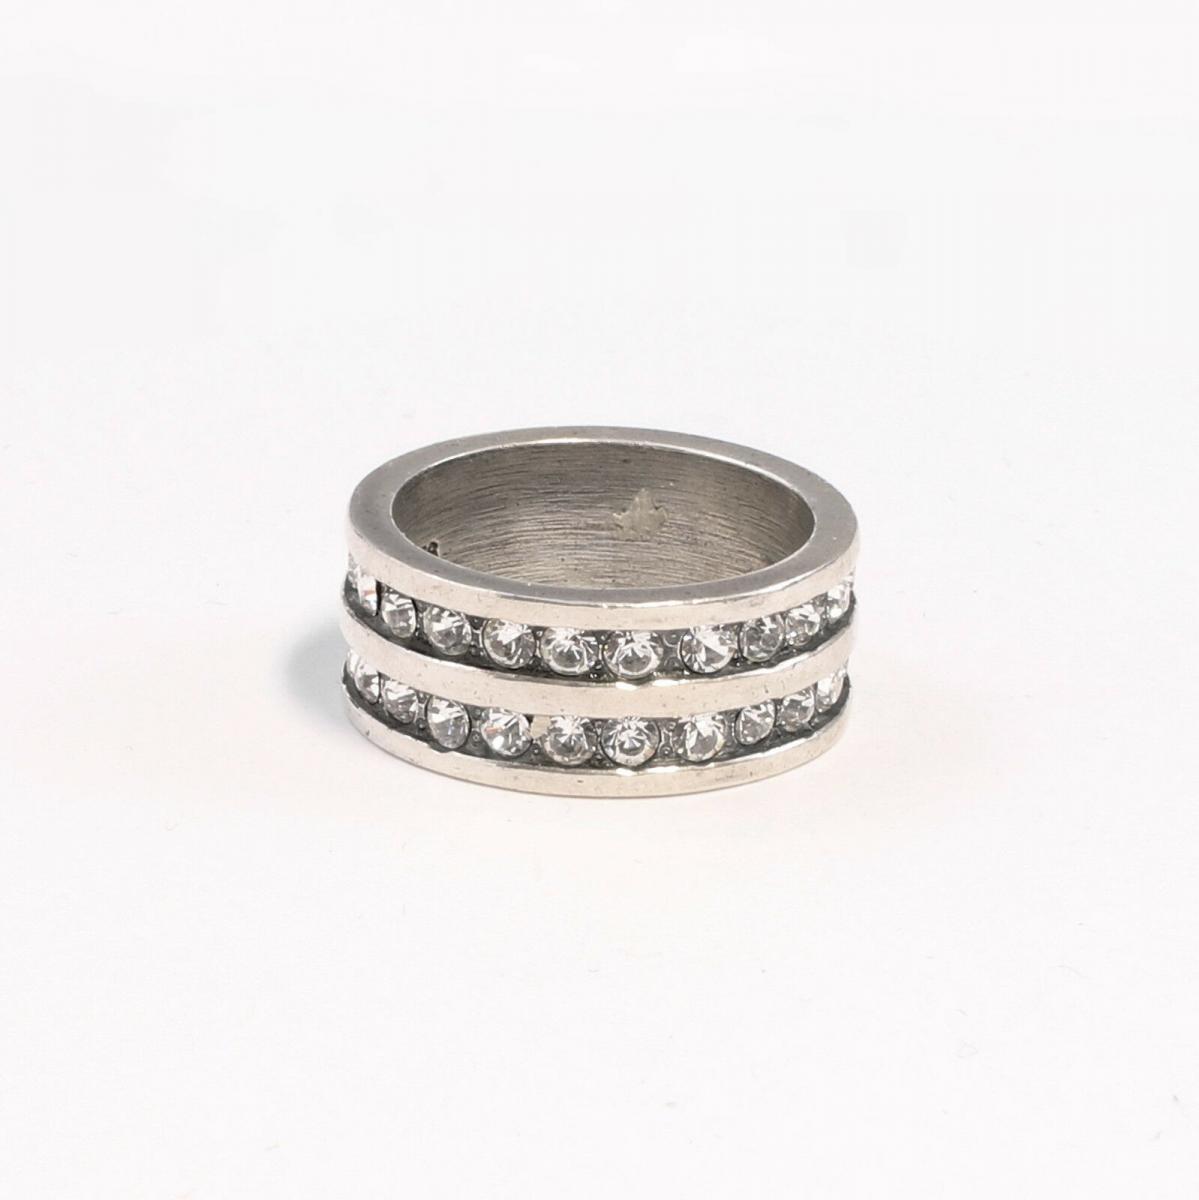 9901349 925er Silber Ring mit Swarovski-Steinen Gr. 52/53 0